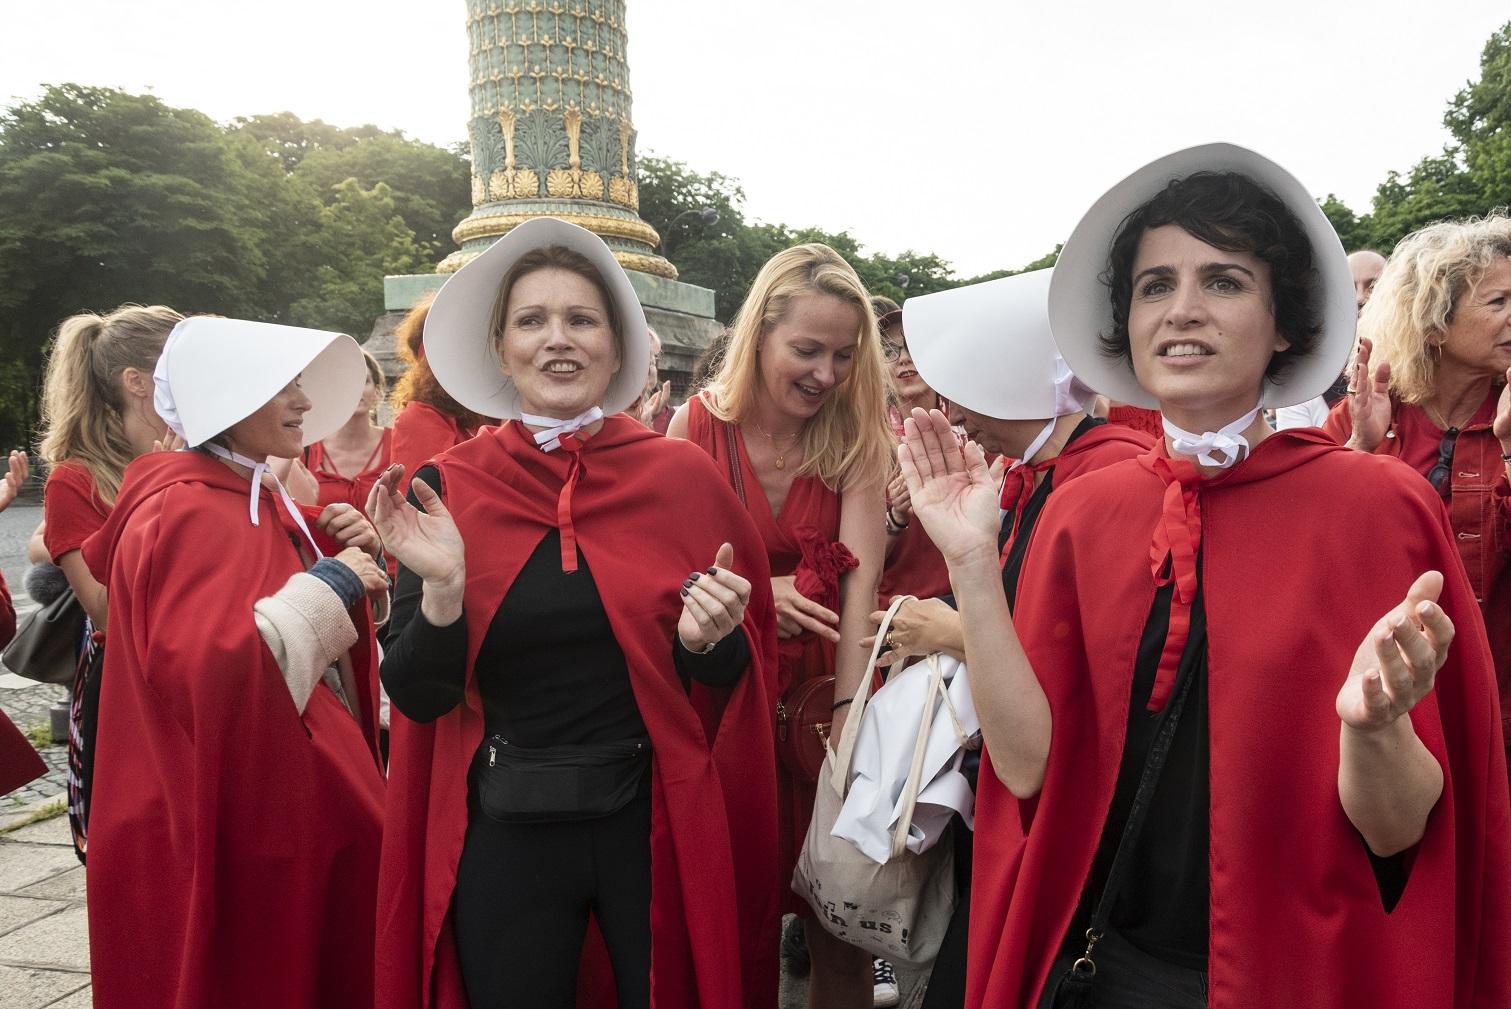 """Ativistas se vestem como as personagens de """"The Handmaid's Tale"""" para protestar contra a proibição do aborto em frente à Embaixada dos EUA em Paris. Foto Samuel Boivin/NurPhoto"""